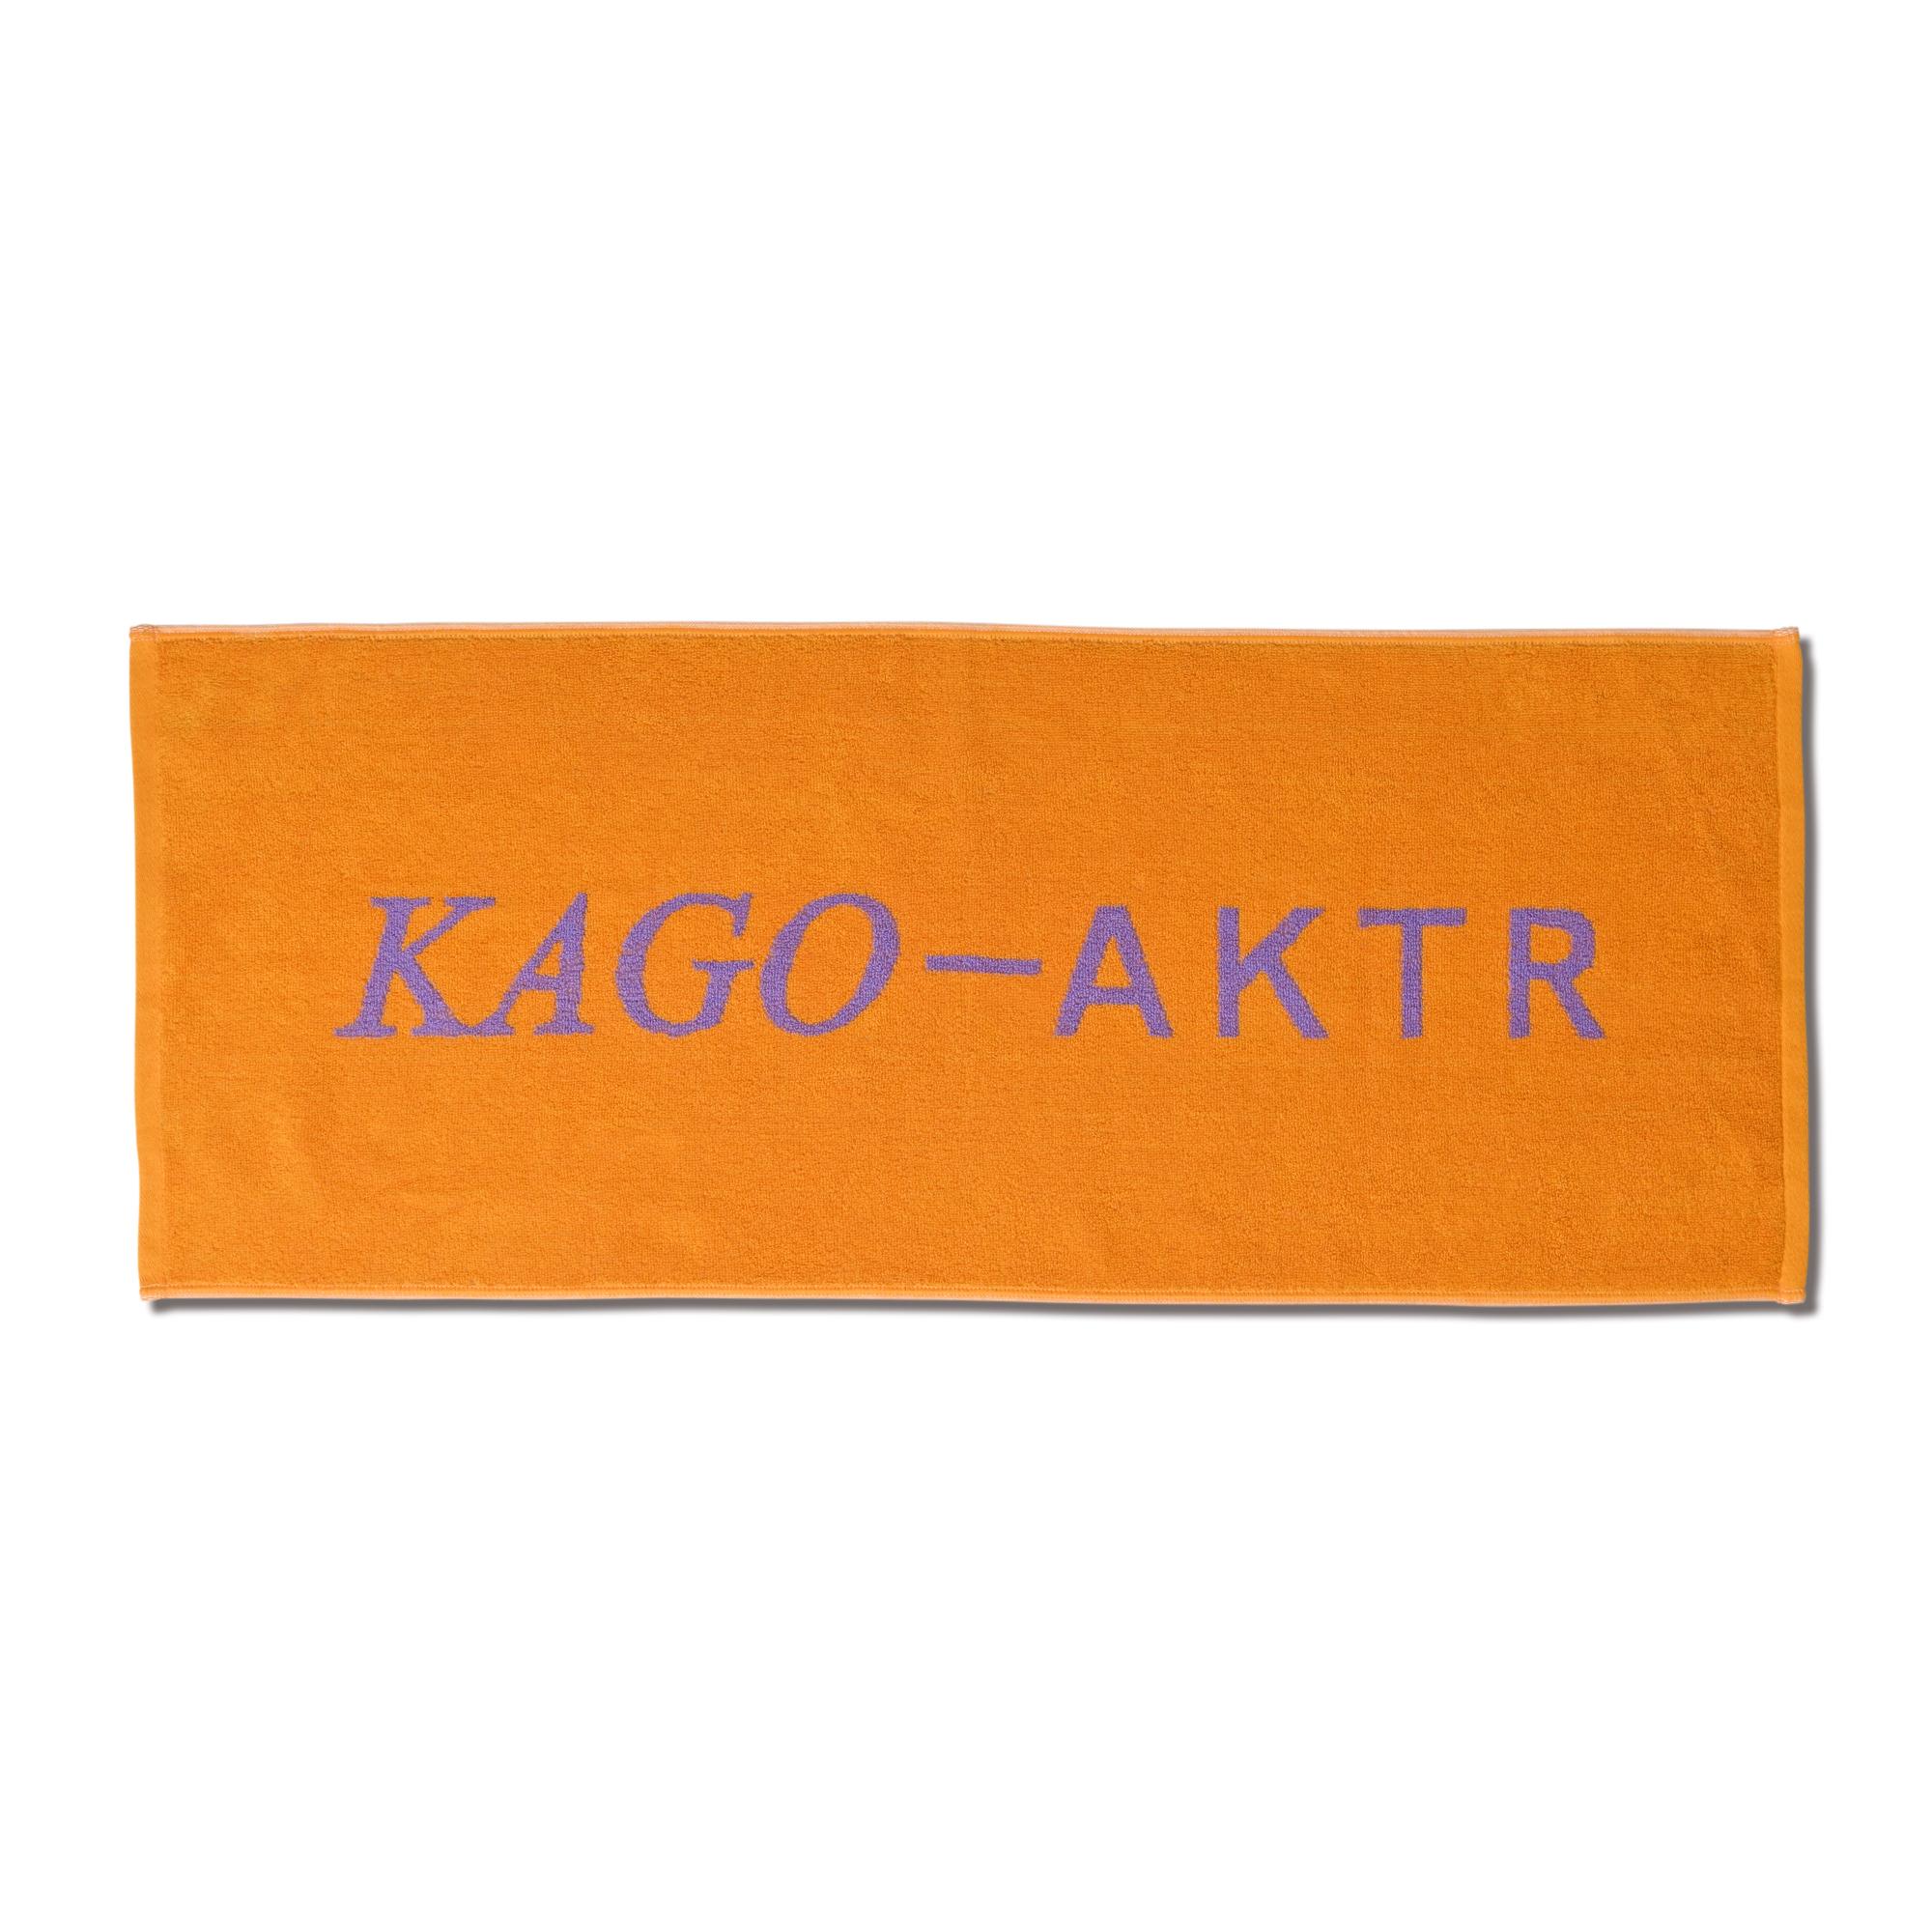 kago-aktr KAGO-AKTR SPORTS TOWEL YL